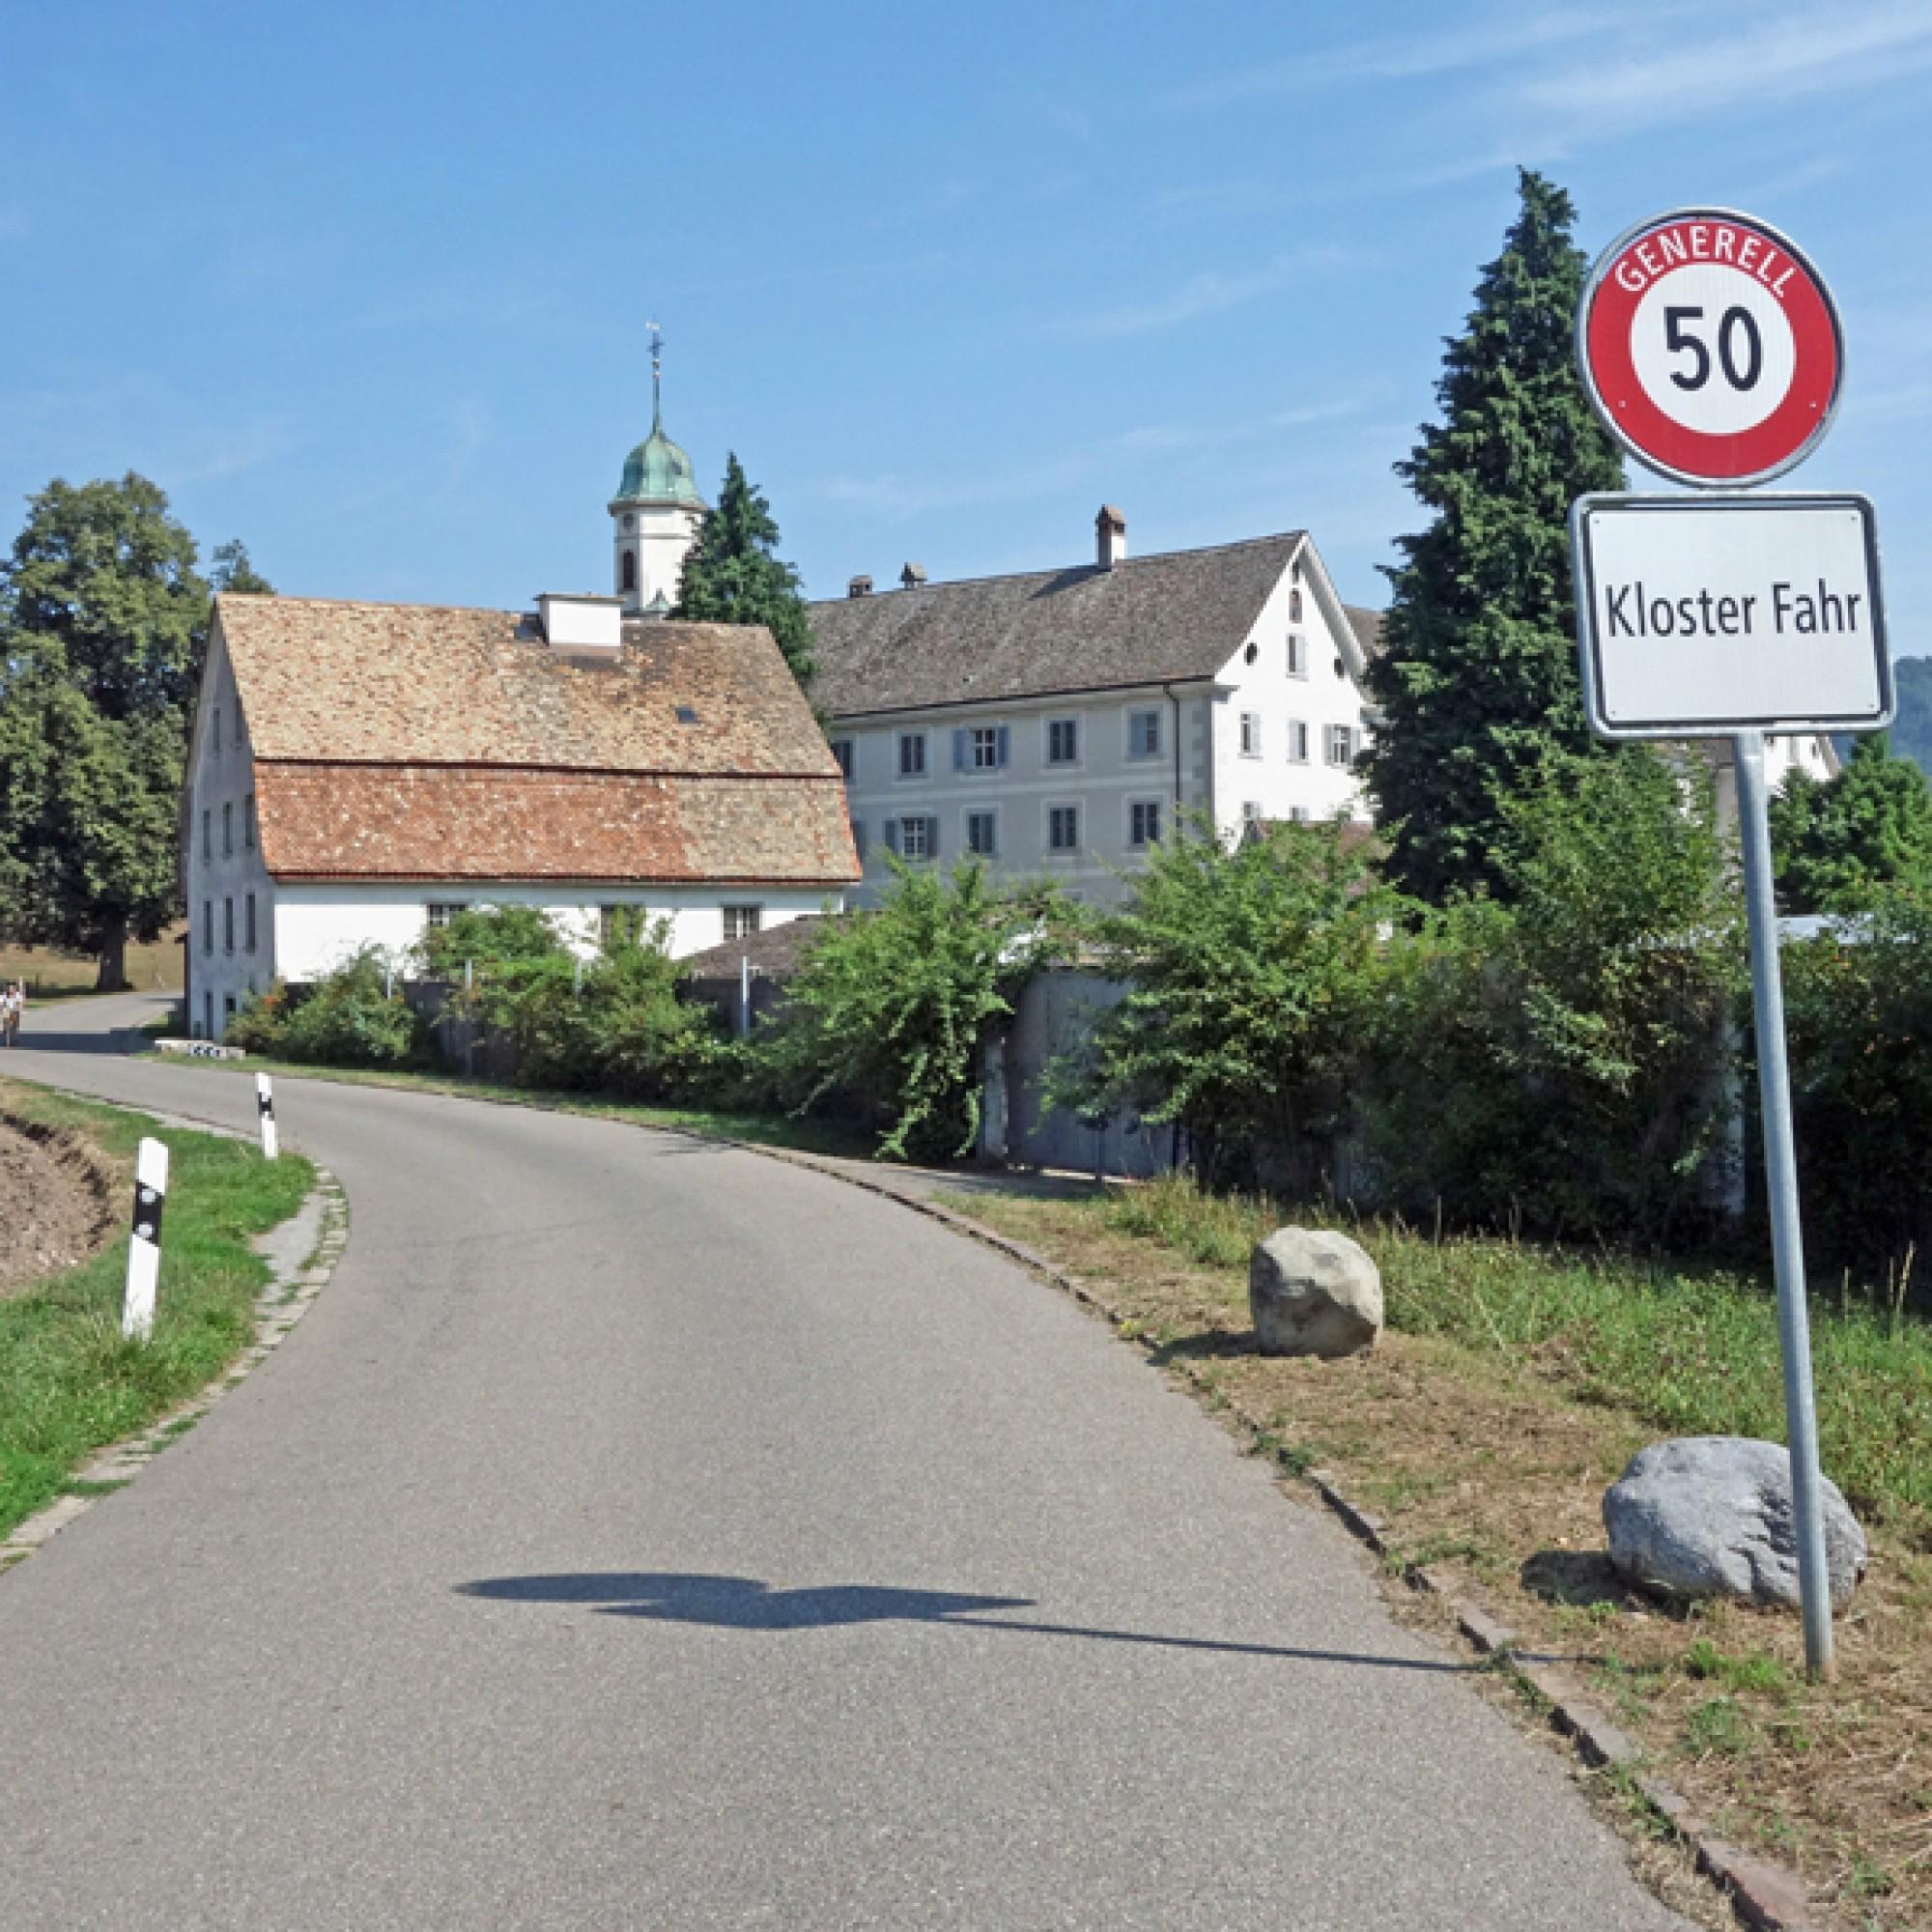 Aargauer Idylle auf Zürcher Grund: das Kloster Fahr. (Stefan Breitenmoser)